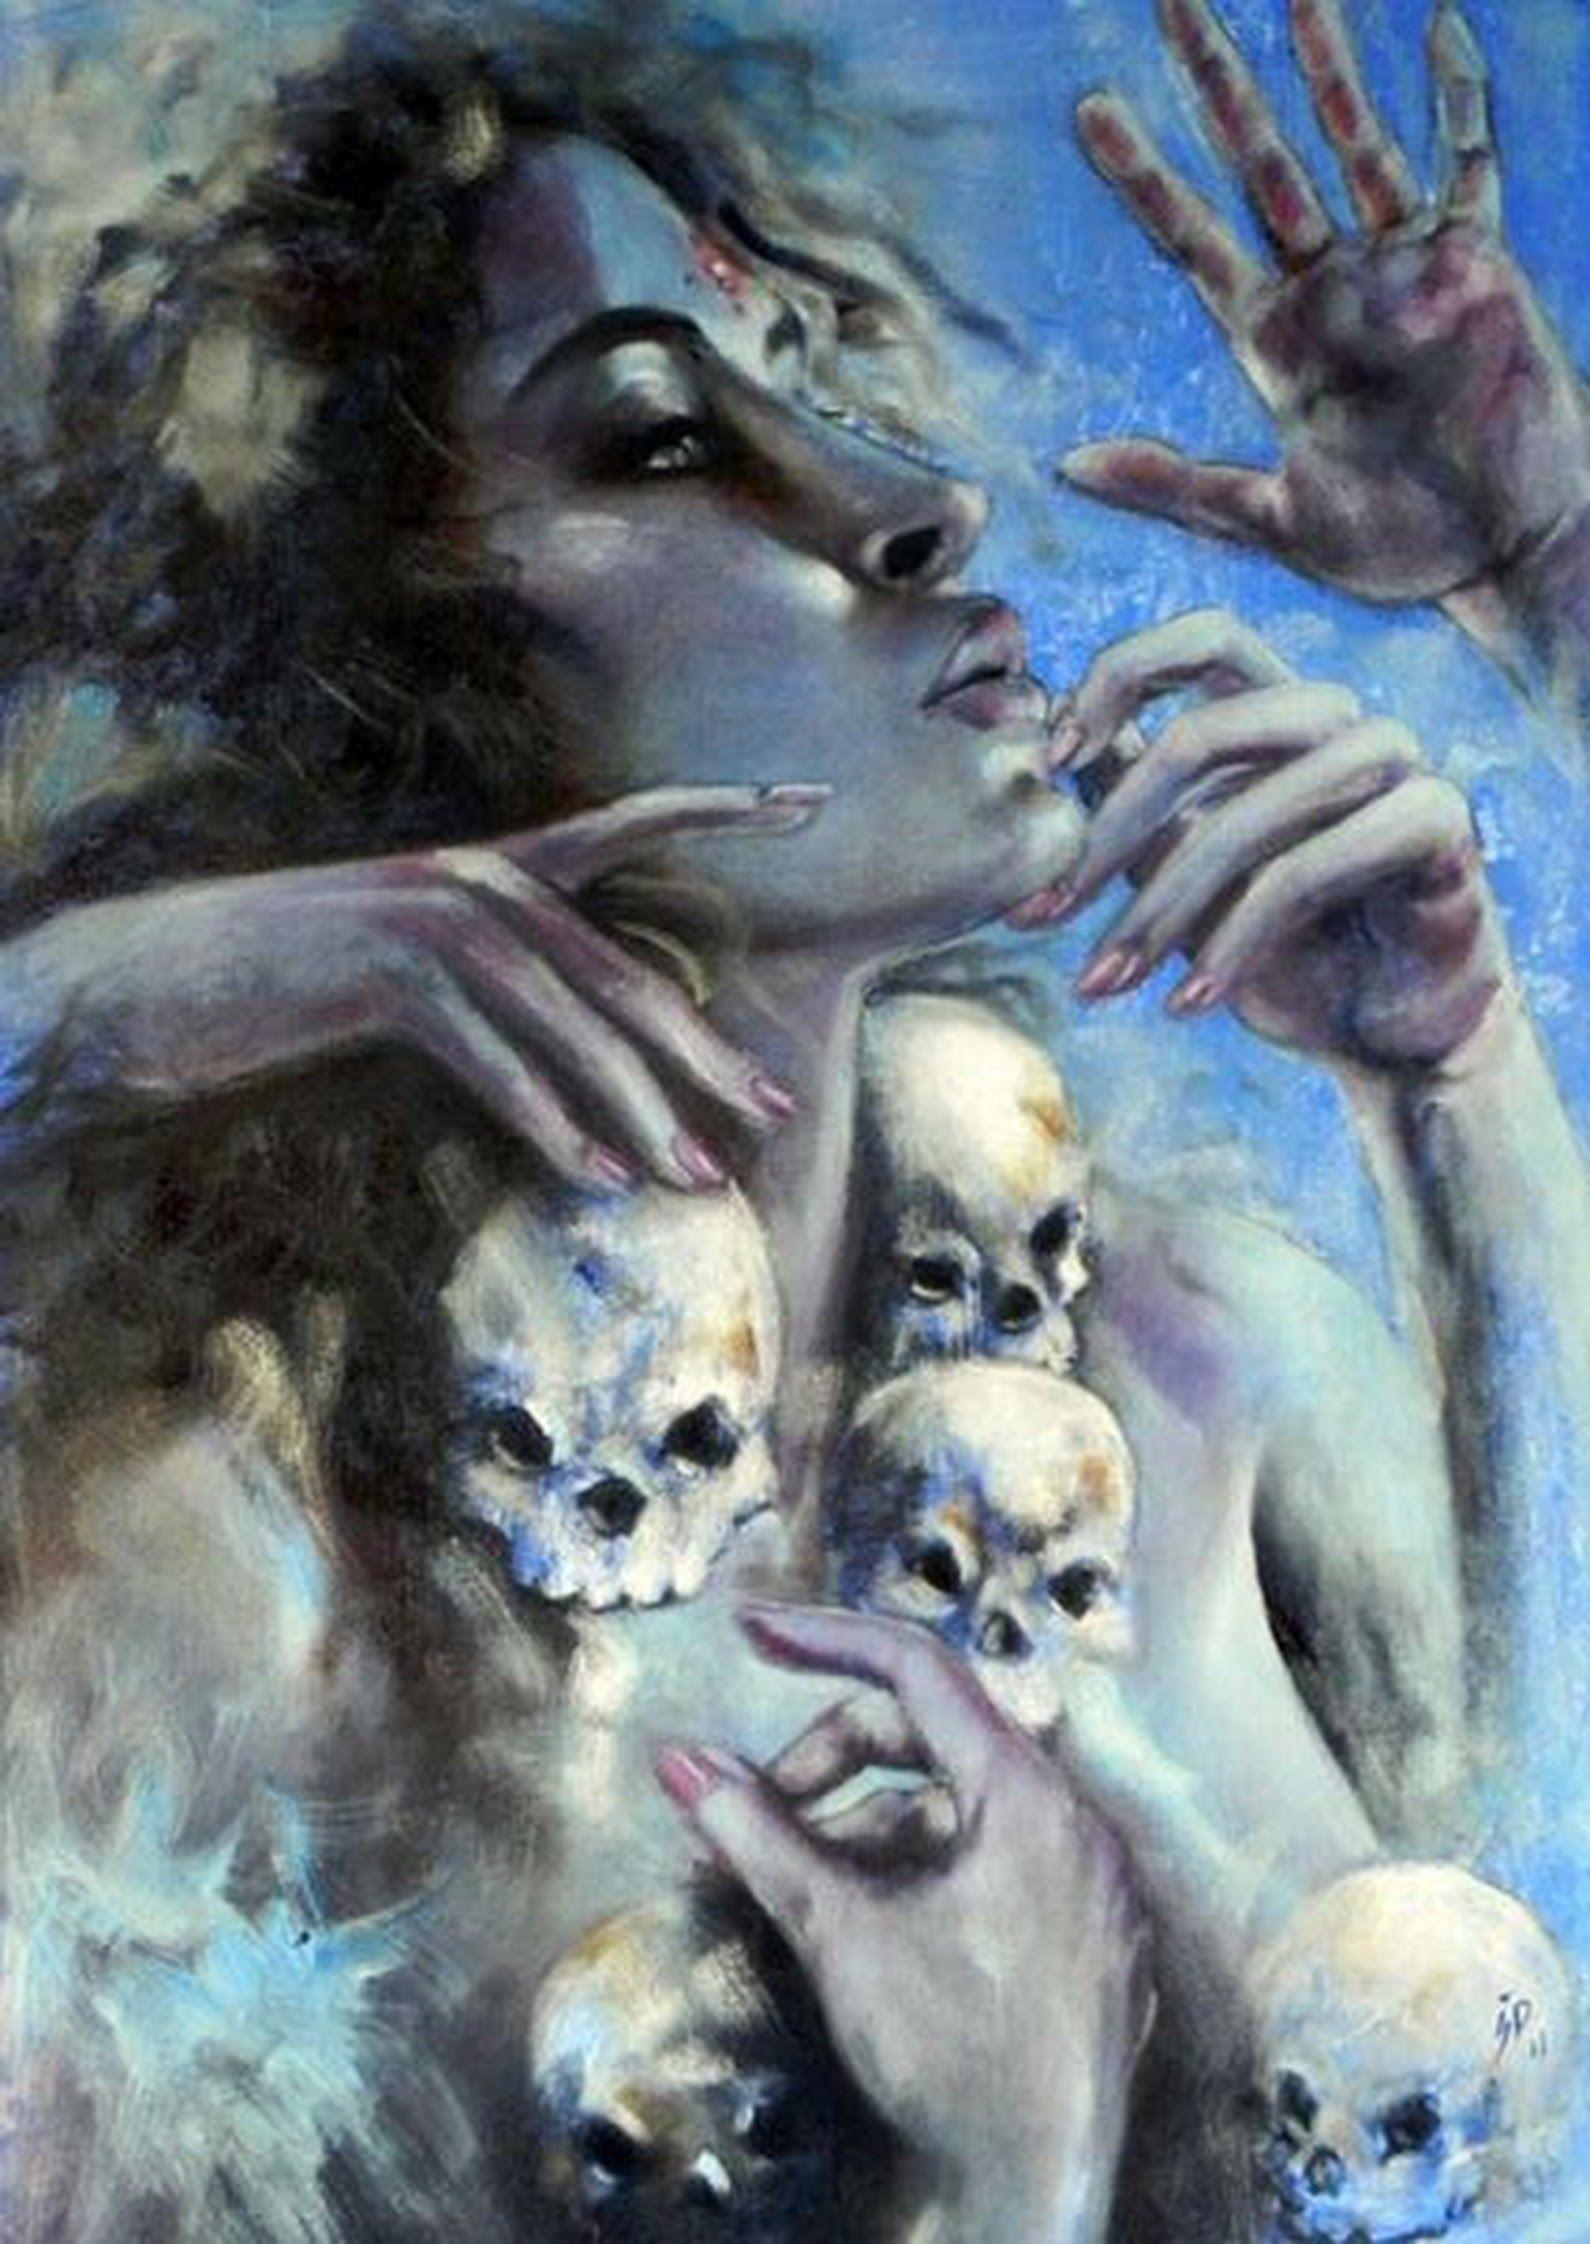 Good night the communauty goddess art kali ma